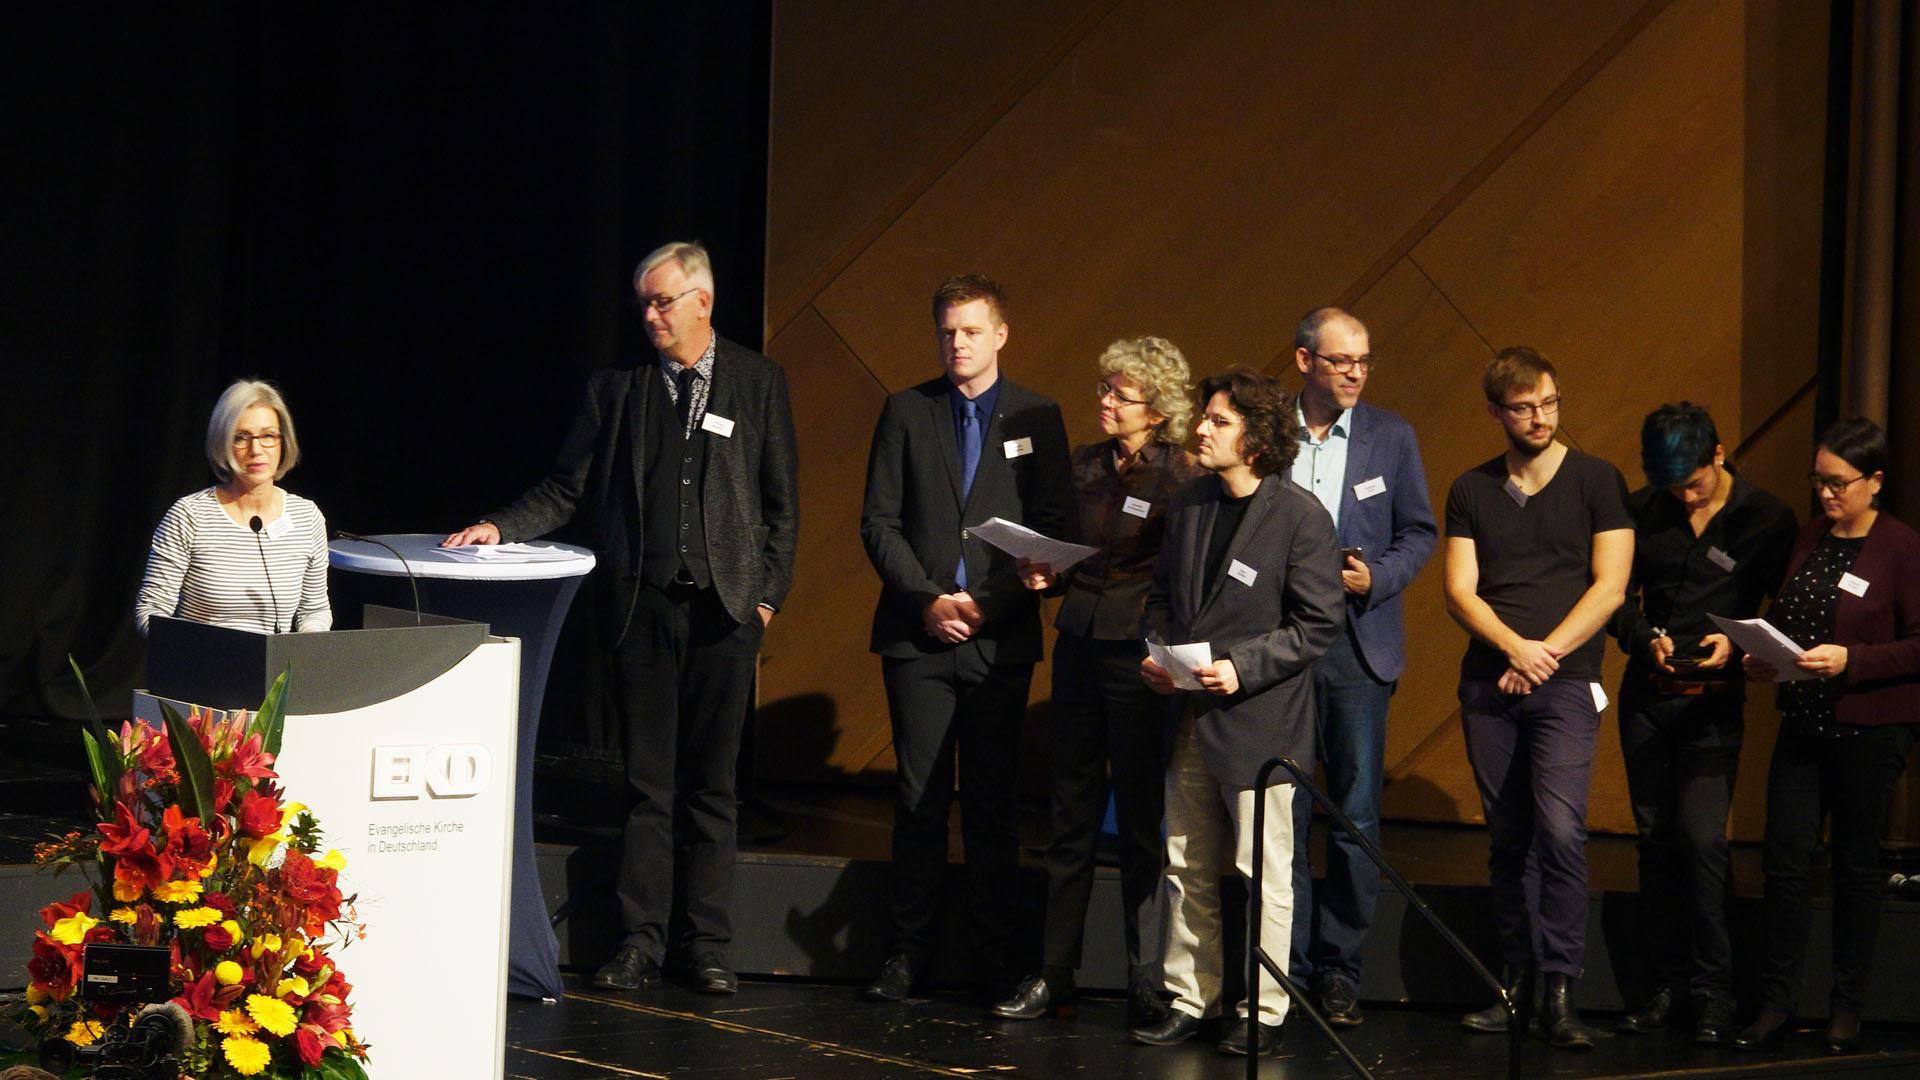 Der Vorbereitungsausschuss für das Schwerpunktthema der EKD-Synode präsentierte zehn Thesen dazu, wie die Kirche jungen Menschen eine Heimat bieten könnte